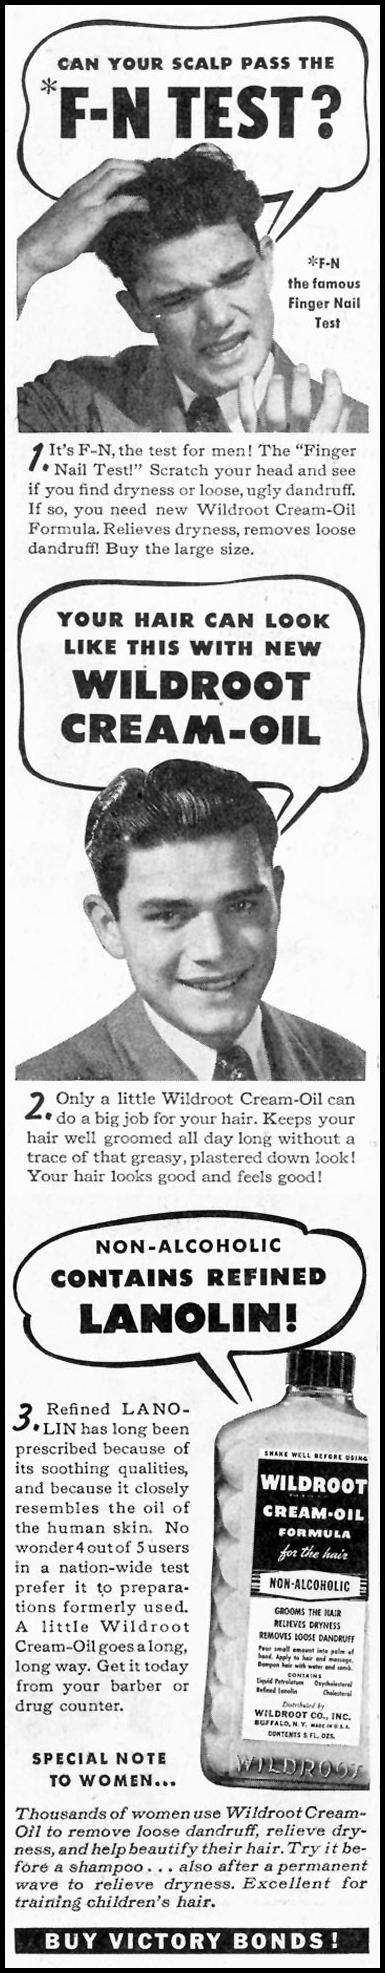 WILDROOT CREAM-OIL SATURDAY EVENING POST 10/06/1945 p. 44